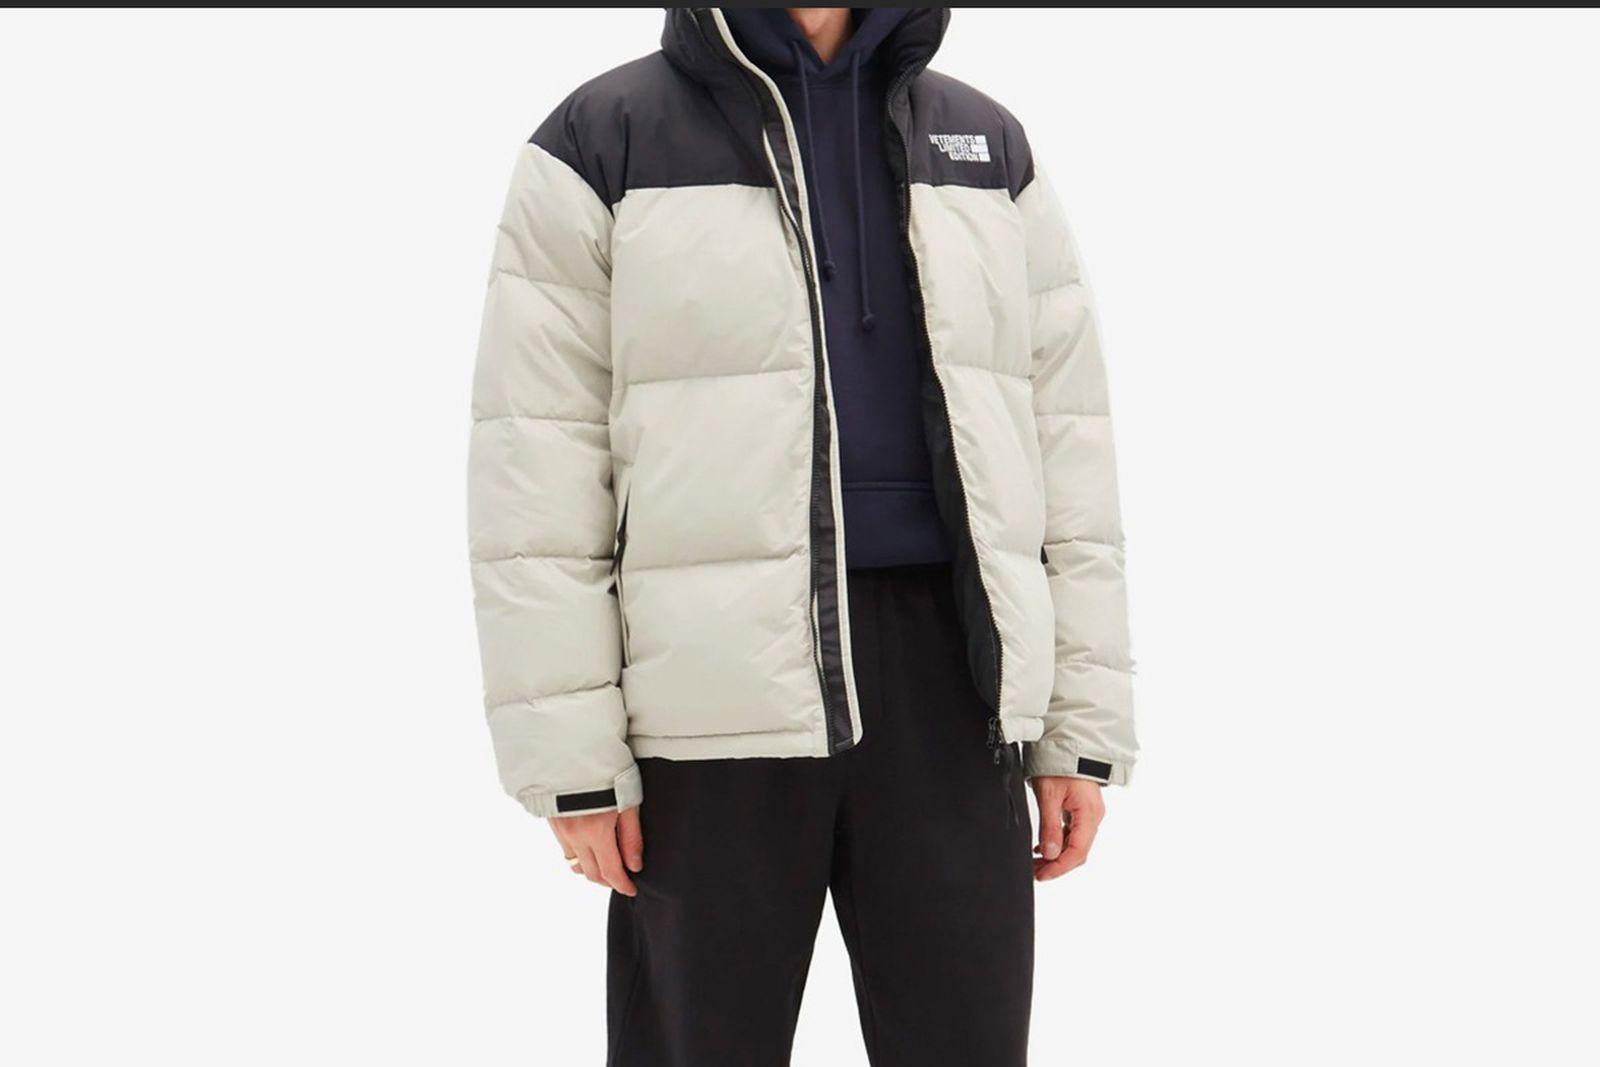 vetements-tnf-style-puffer-jacket-03